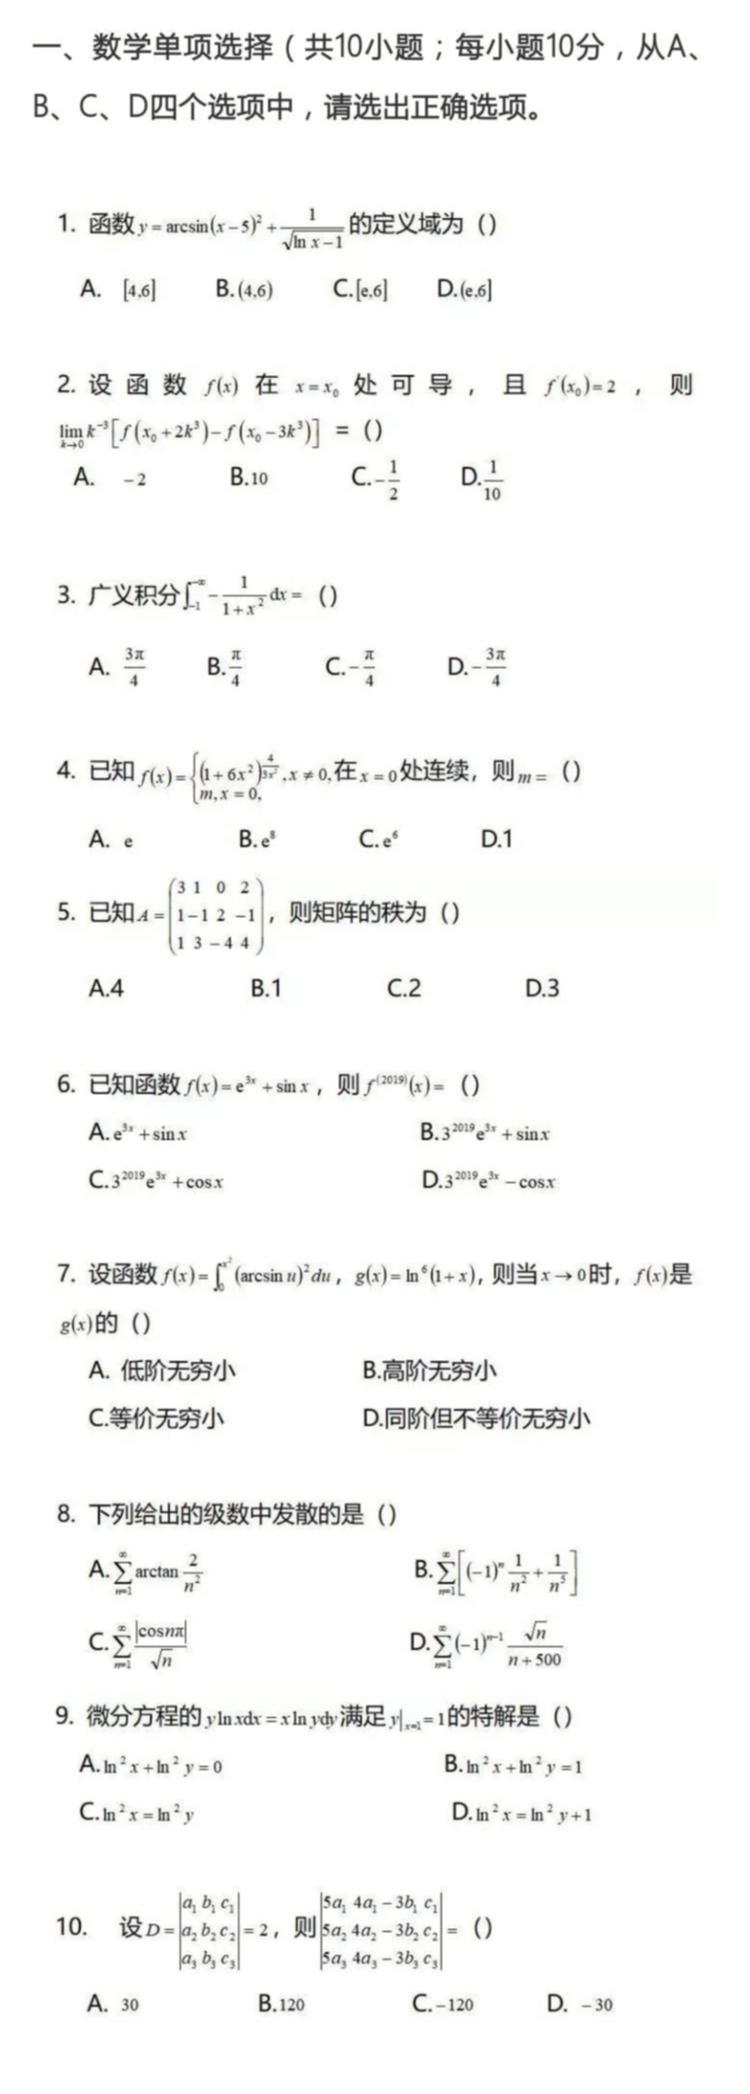 数学第十期.jpg